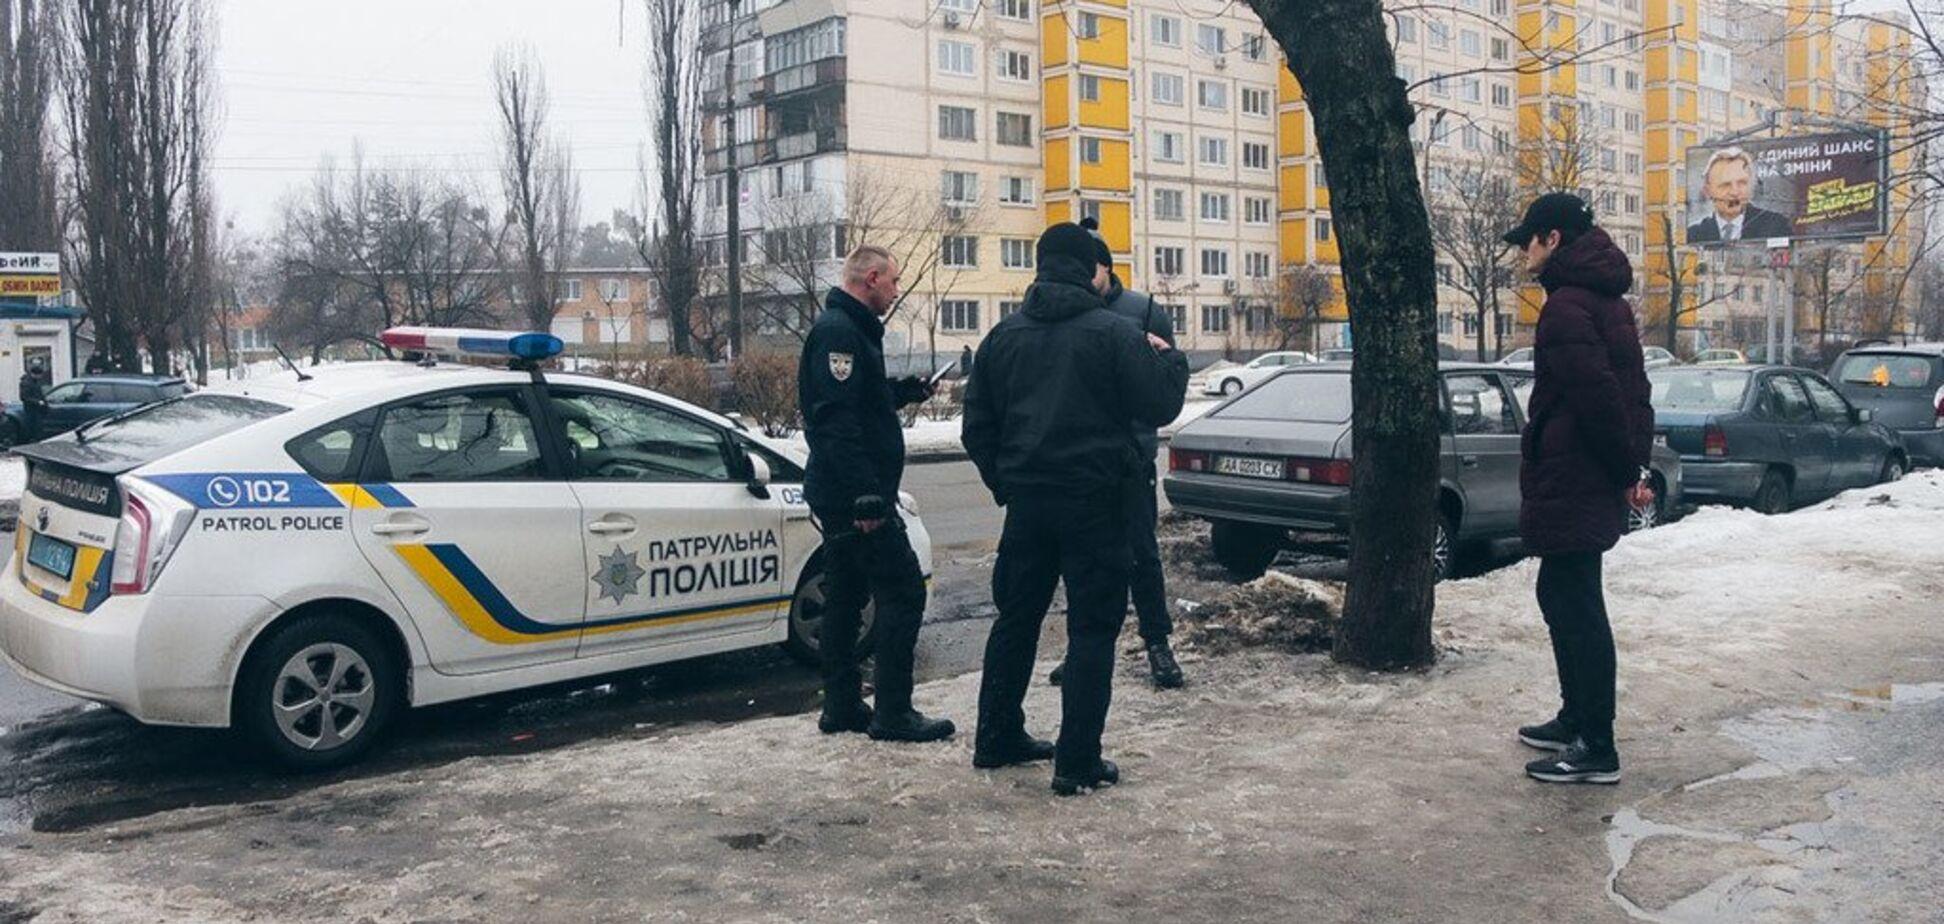 Попали в глаз ребенку: в Киеве возле супермаркета произошла стрельба